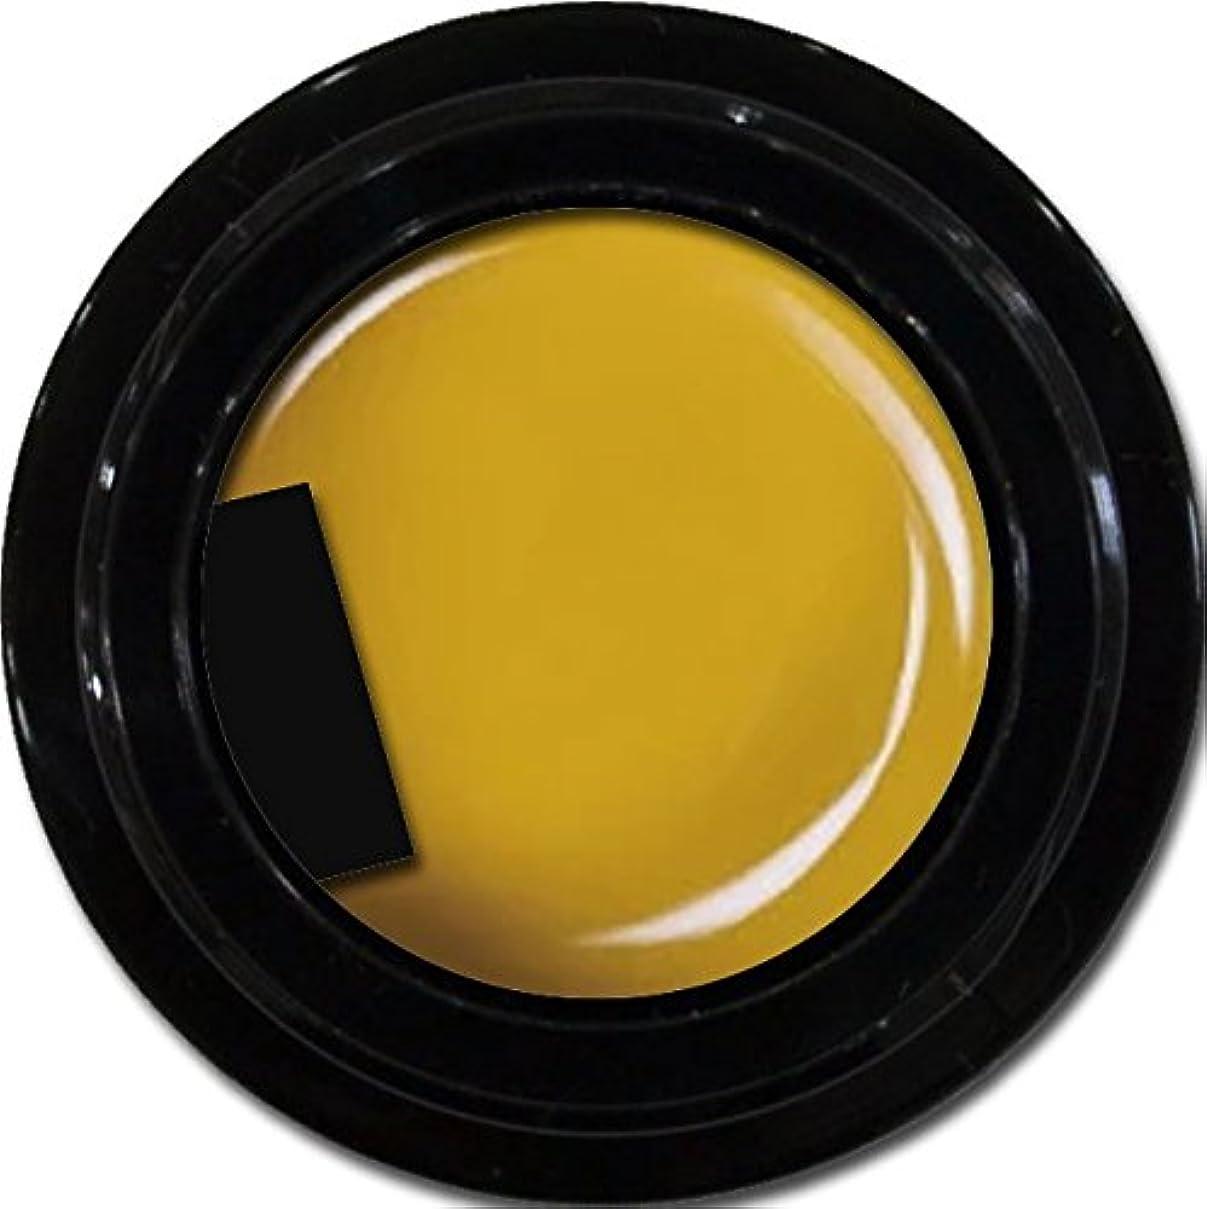 ロータリー逆説ブラウザカラージェル enchant color gel M605 Cameron3g/ マットカラージェル M605キャメロン 3グラム